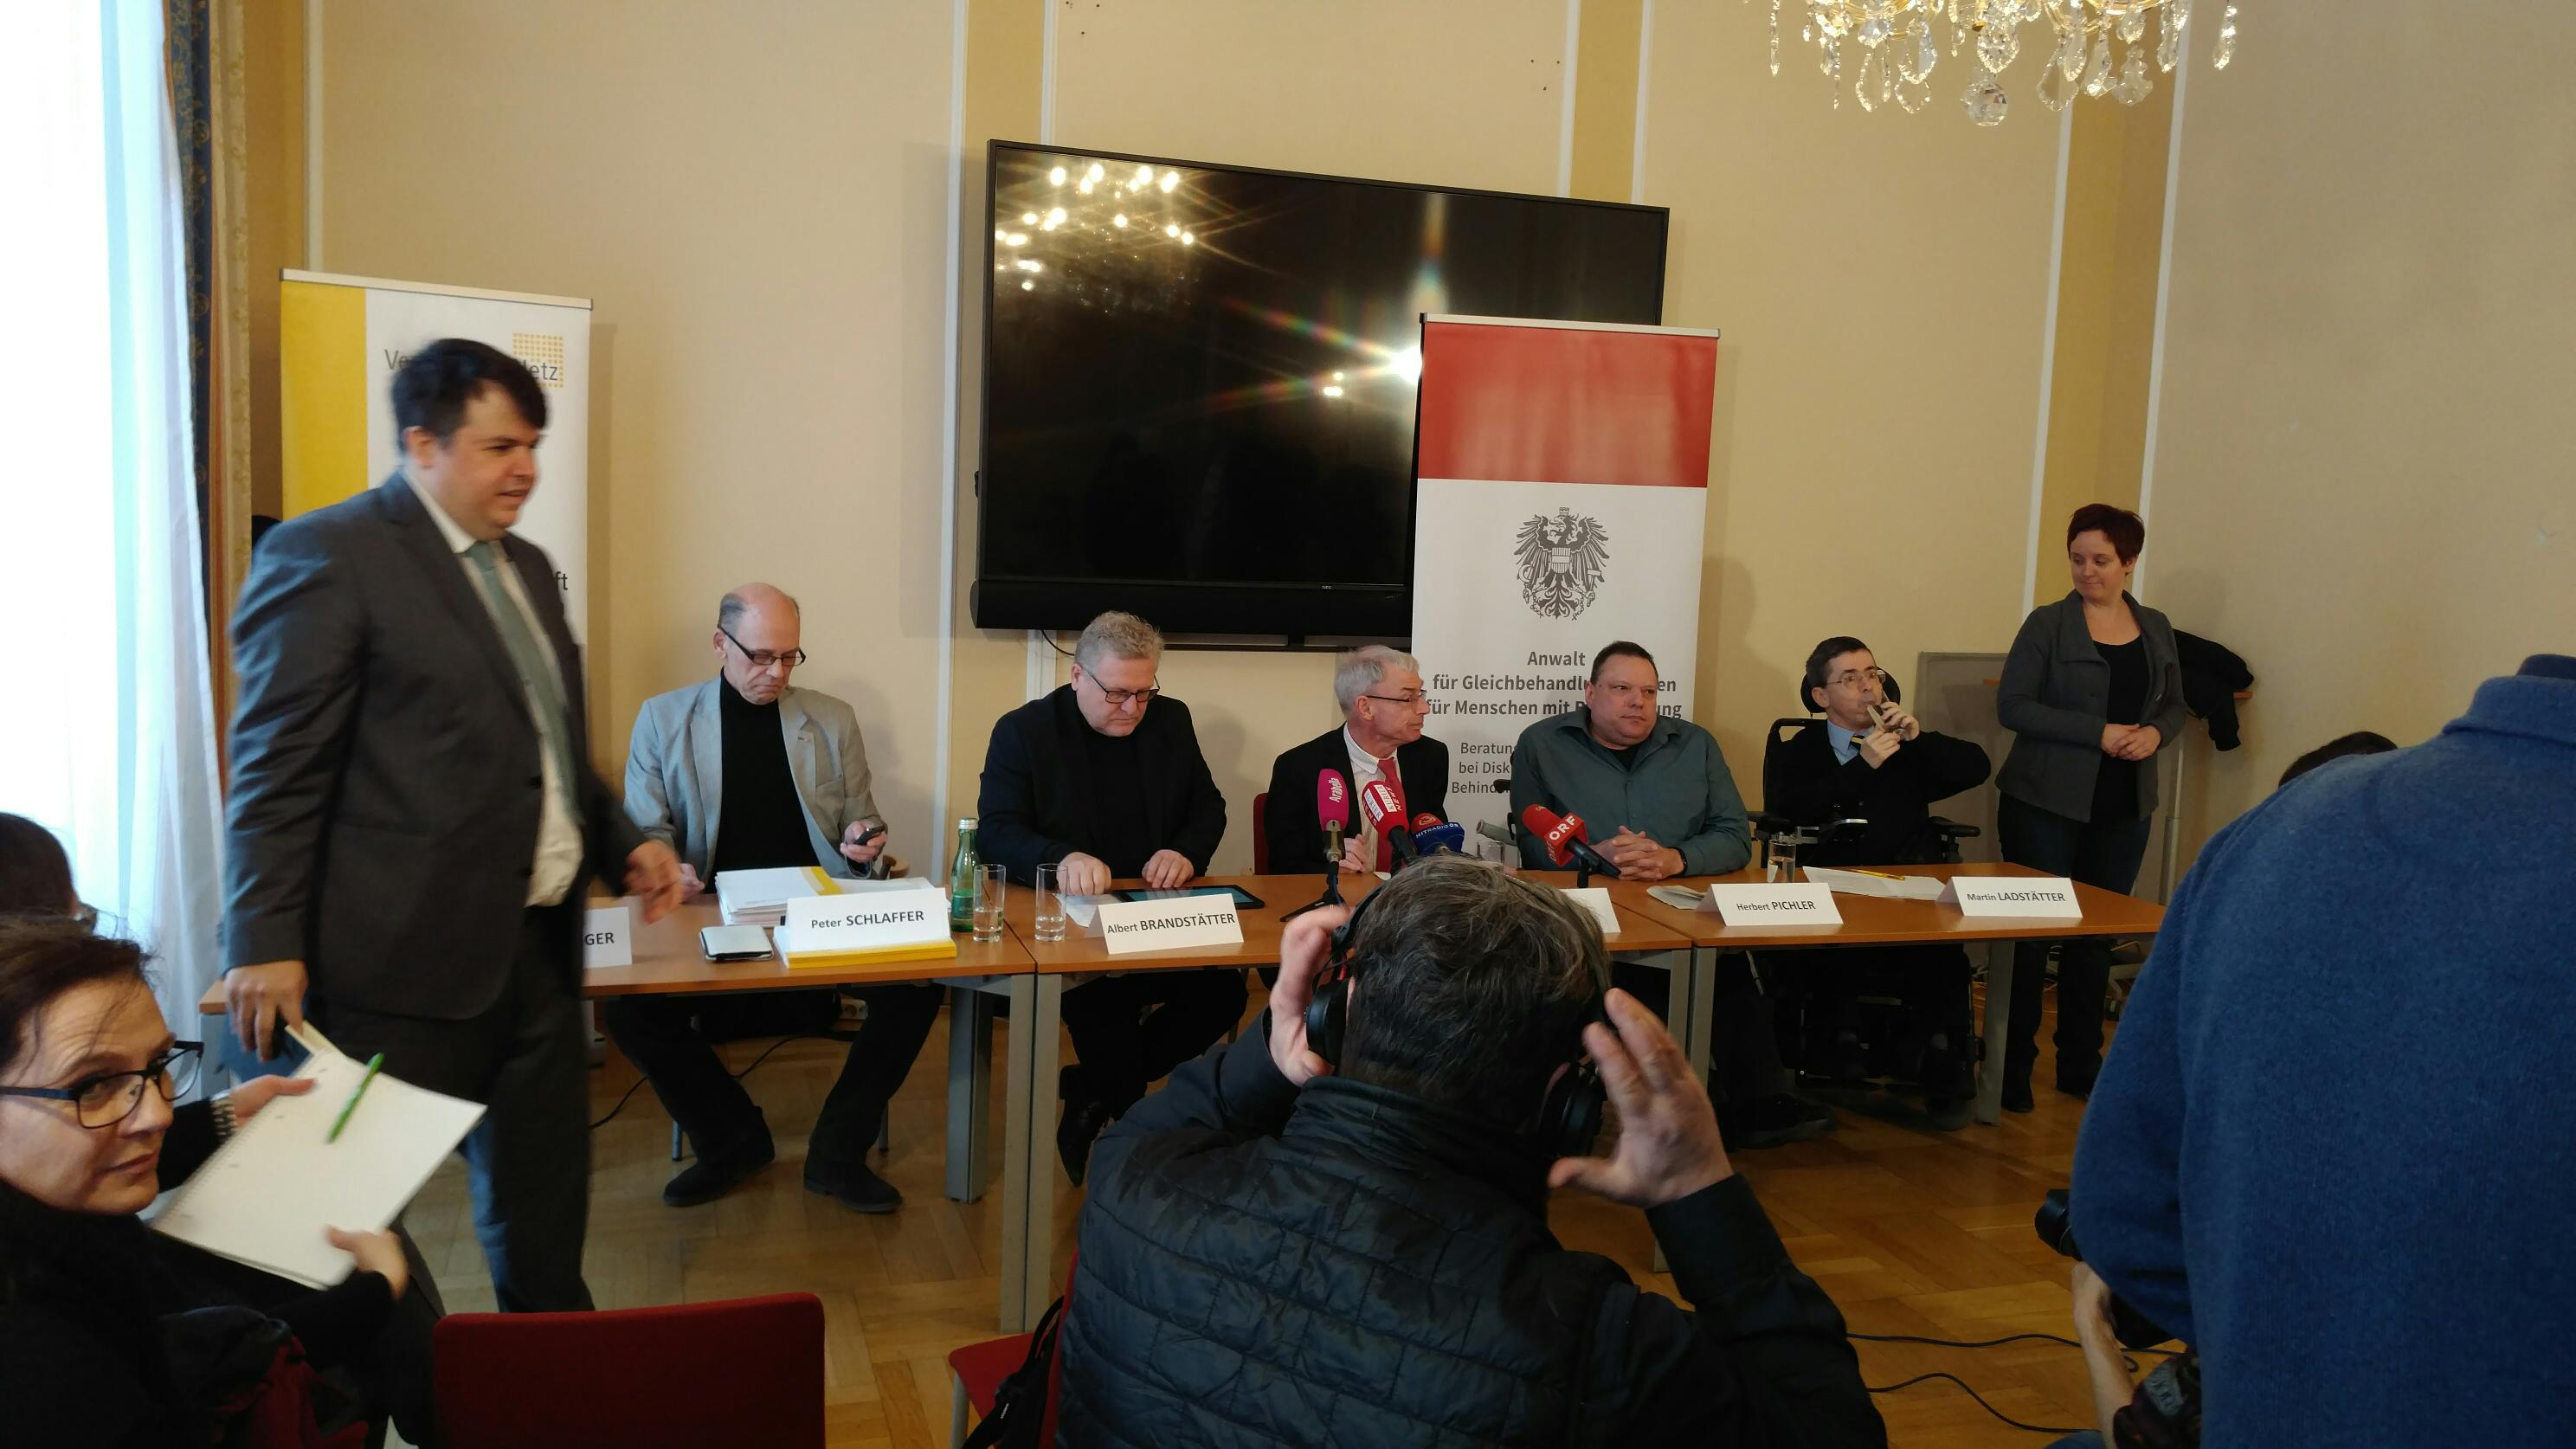 von links nach rechts: Peter Schlaffer, Albert Brandstätter, Hansjörg Hofer, Herbert Pichler und Martin Ladstätter beim Pressegespräch, Foto: ÖBR